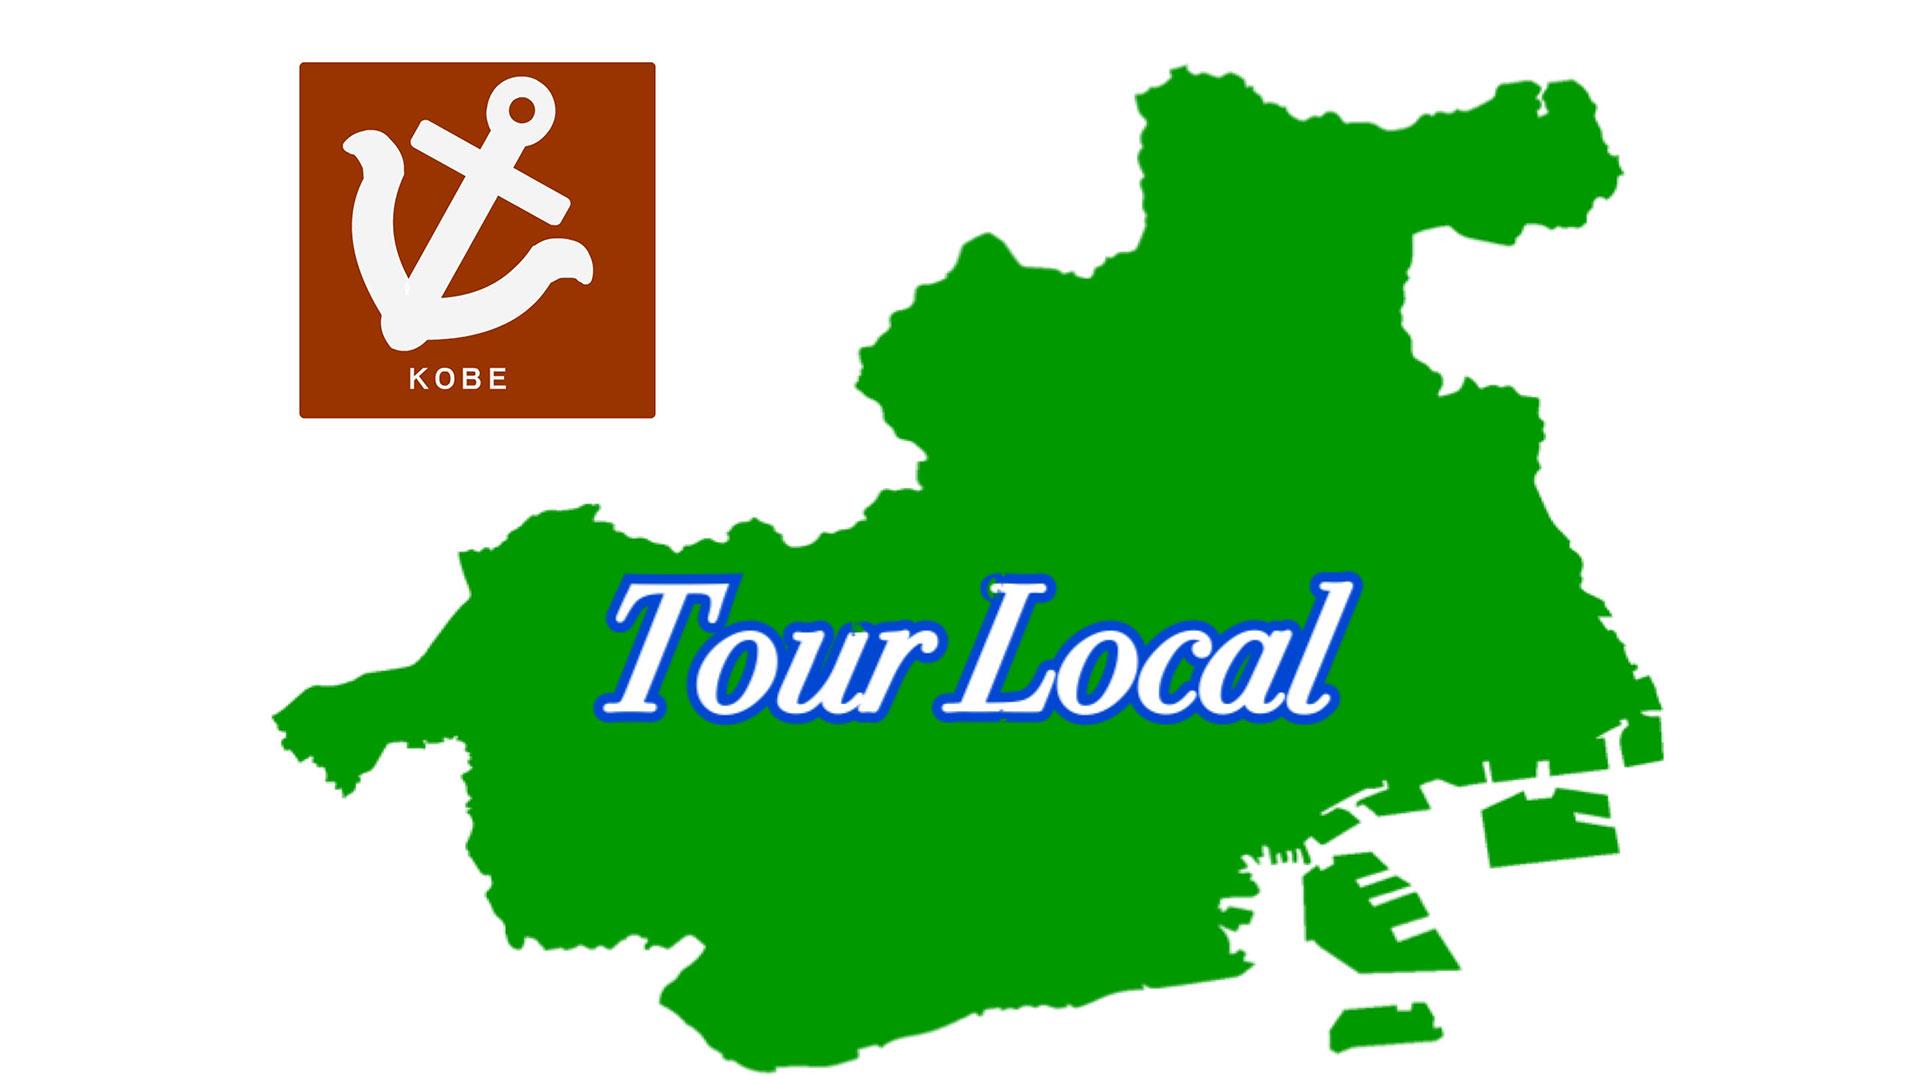 Tour Local